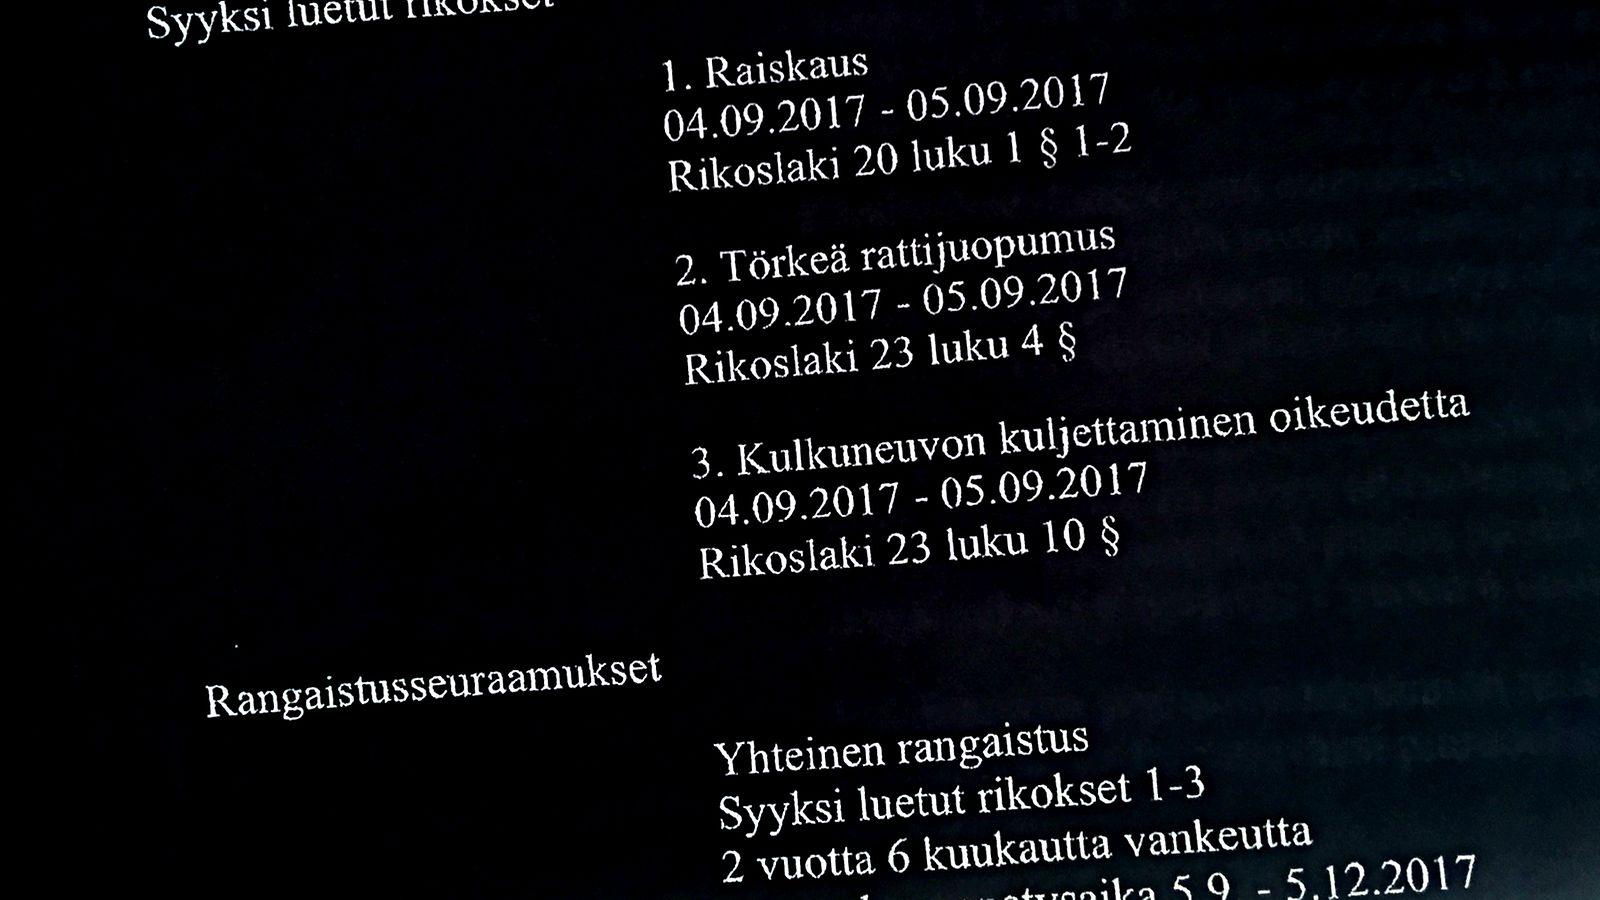 Nuori nainen raiskattiin ravintolassa sulkemisajan jälkeen – tekijä pyysi koko ajan anteeksi - Rikos - Uutiset